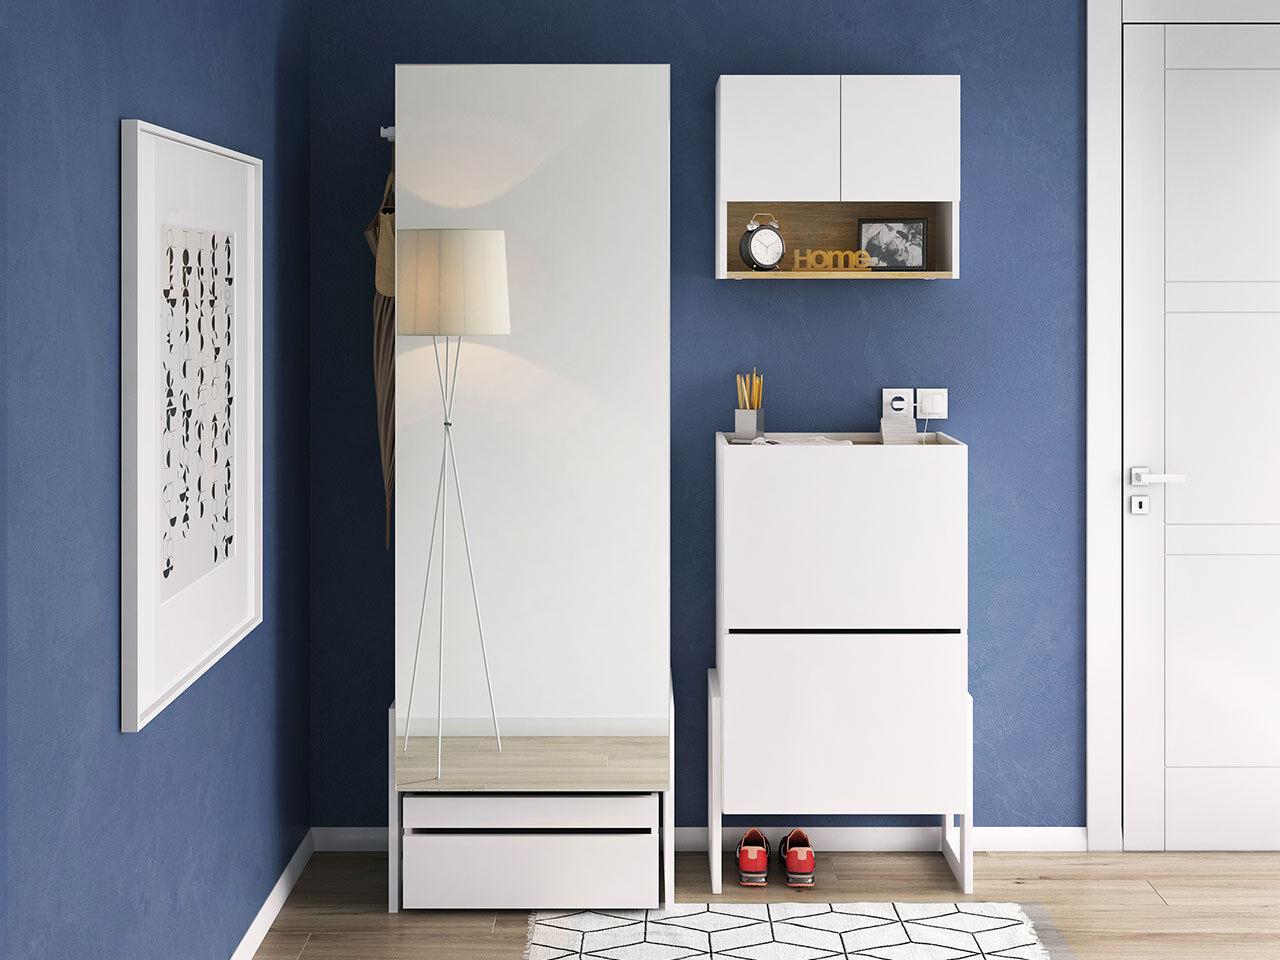 Garderoben-Set Claro Flur Möbel Kompaktgarderobe Schuhkipper Kleiderschrank Kleiderschrank Kleiderschrank 981298